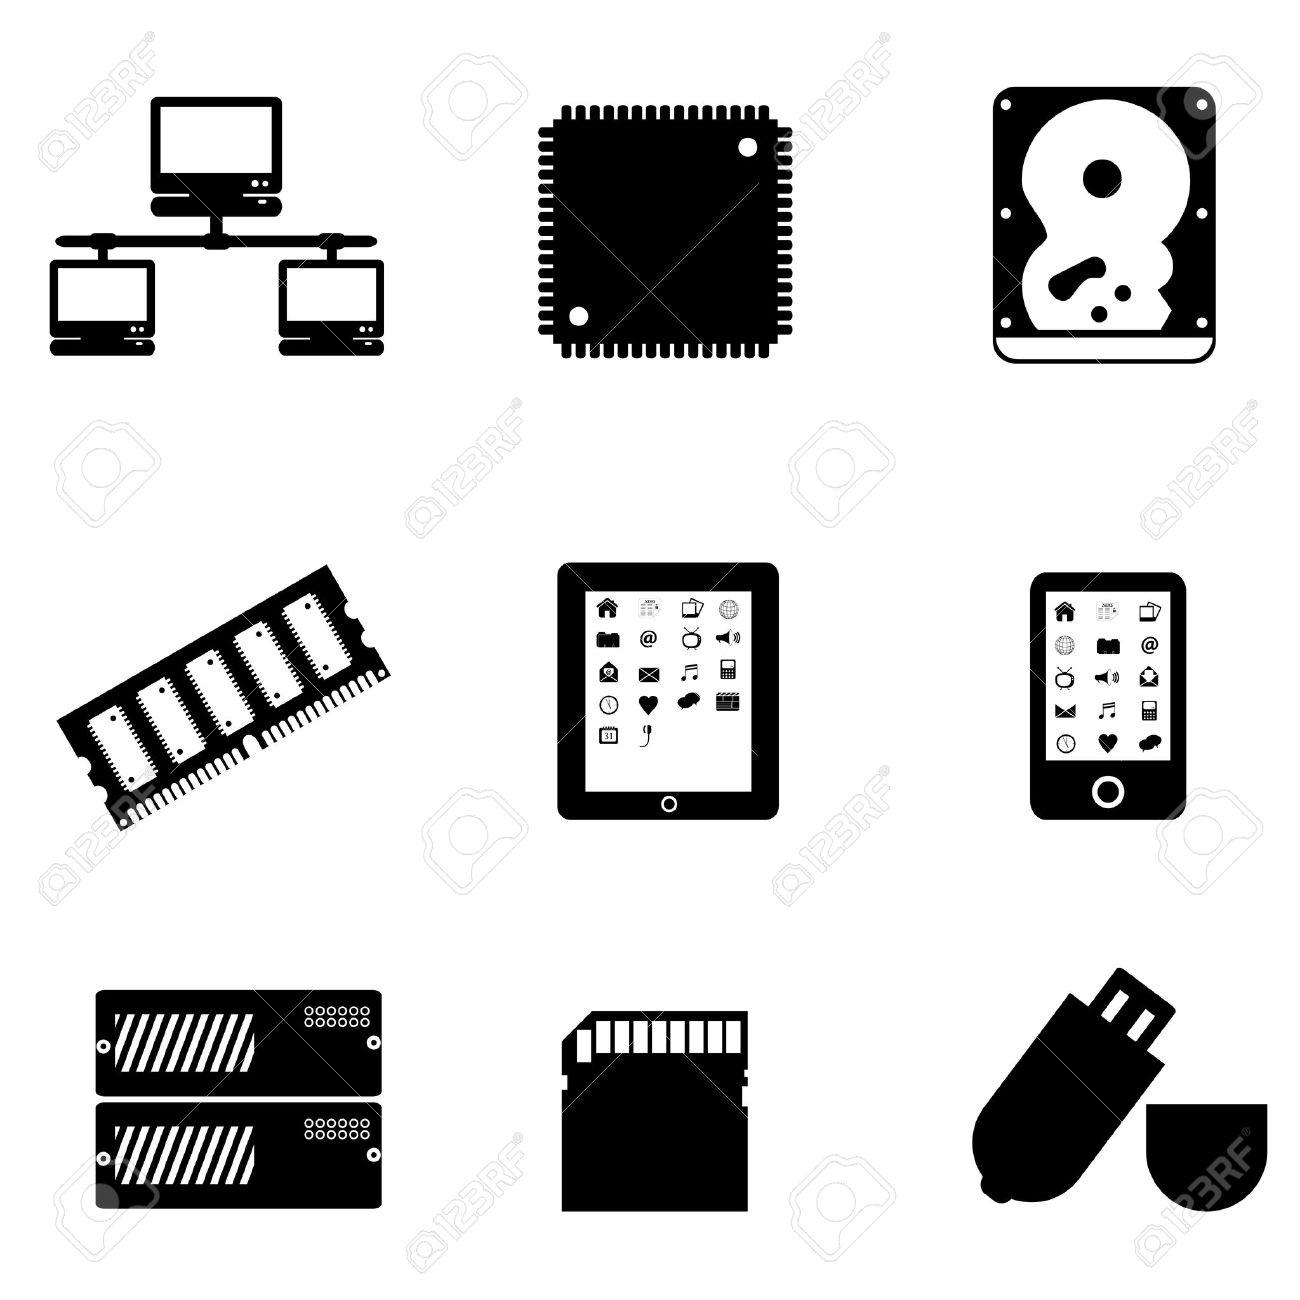 Computer Teile Und Peripheriegeräte Lizenzfrei Nutzbare.